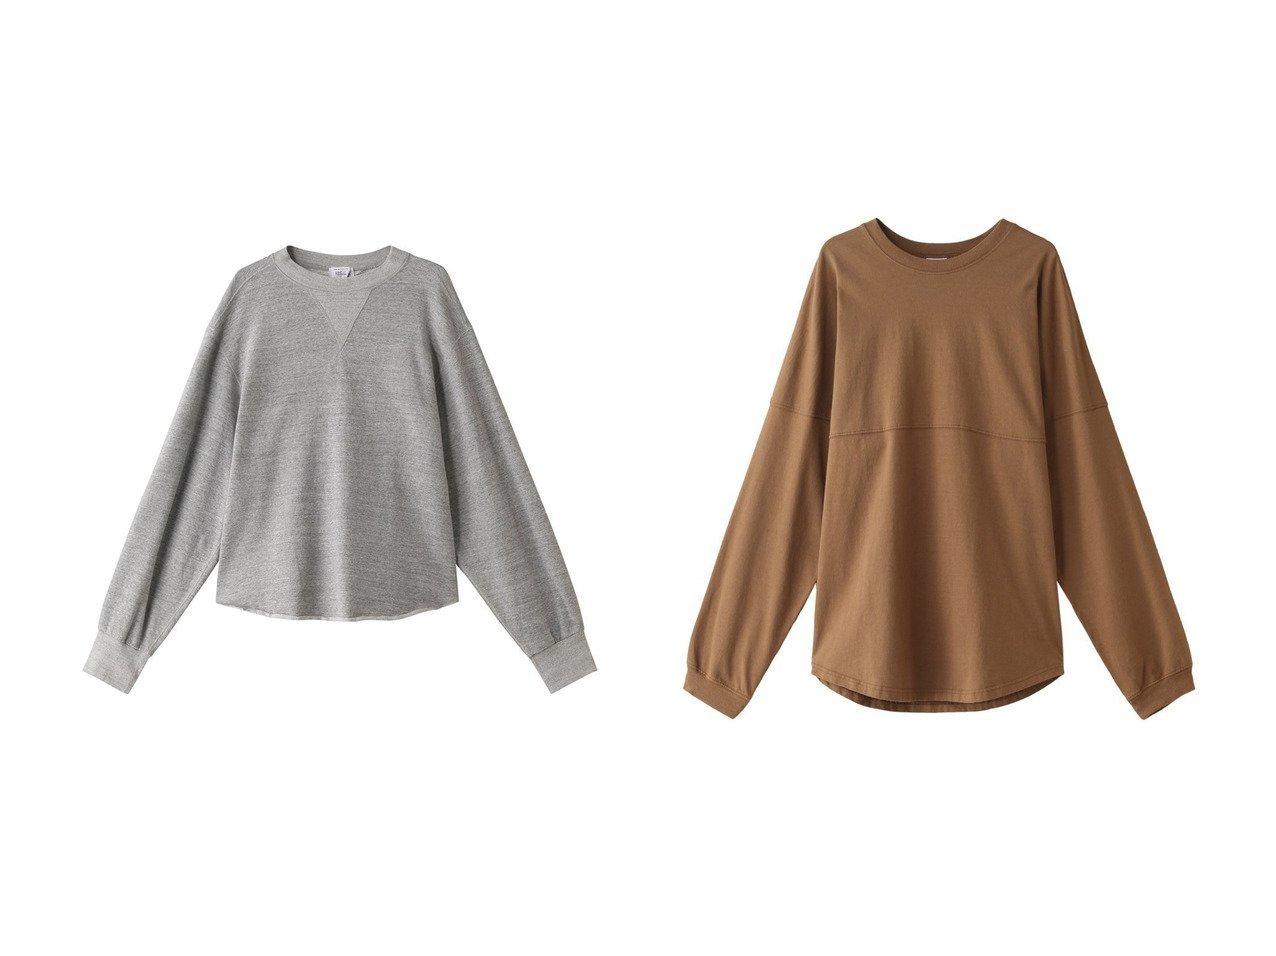 【Shinzone/シンゾーン】のコットンダブルガゼットプルオーバー&YELLOW STONE Tシャツ トップス・カットソーのおすすめ!人気、トレンド・レディースファッションの通販 おすすめで人気の流行・トレンド、ファッションの通販商品 メンズファッション・キッズファッション・インテリア・家具・レディースファッション・服の通販 founy(ファニー) https://founy.com/ ファッション Fashion レディースファッション WOMEN トップス Tops Tshirt シャツ/ブラウス Shirts Blouses ロング / Tシャツ T-Shirts カットソー Cut and Sewn プルオーバー Pullover 2021年 2021 2021 春夏 S/S SS Spring/Summer 2021 S/S 春夏 SS Spring/Summer シンプル スリーブ ロング 春 Spring 長袖 フェミニン  ID:crp329100000013504